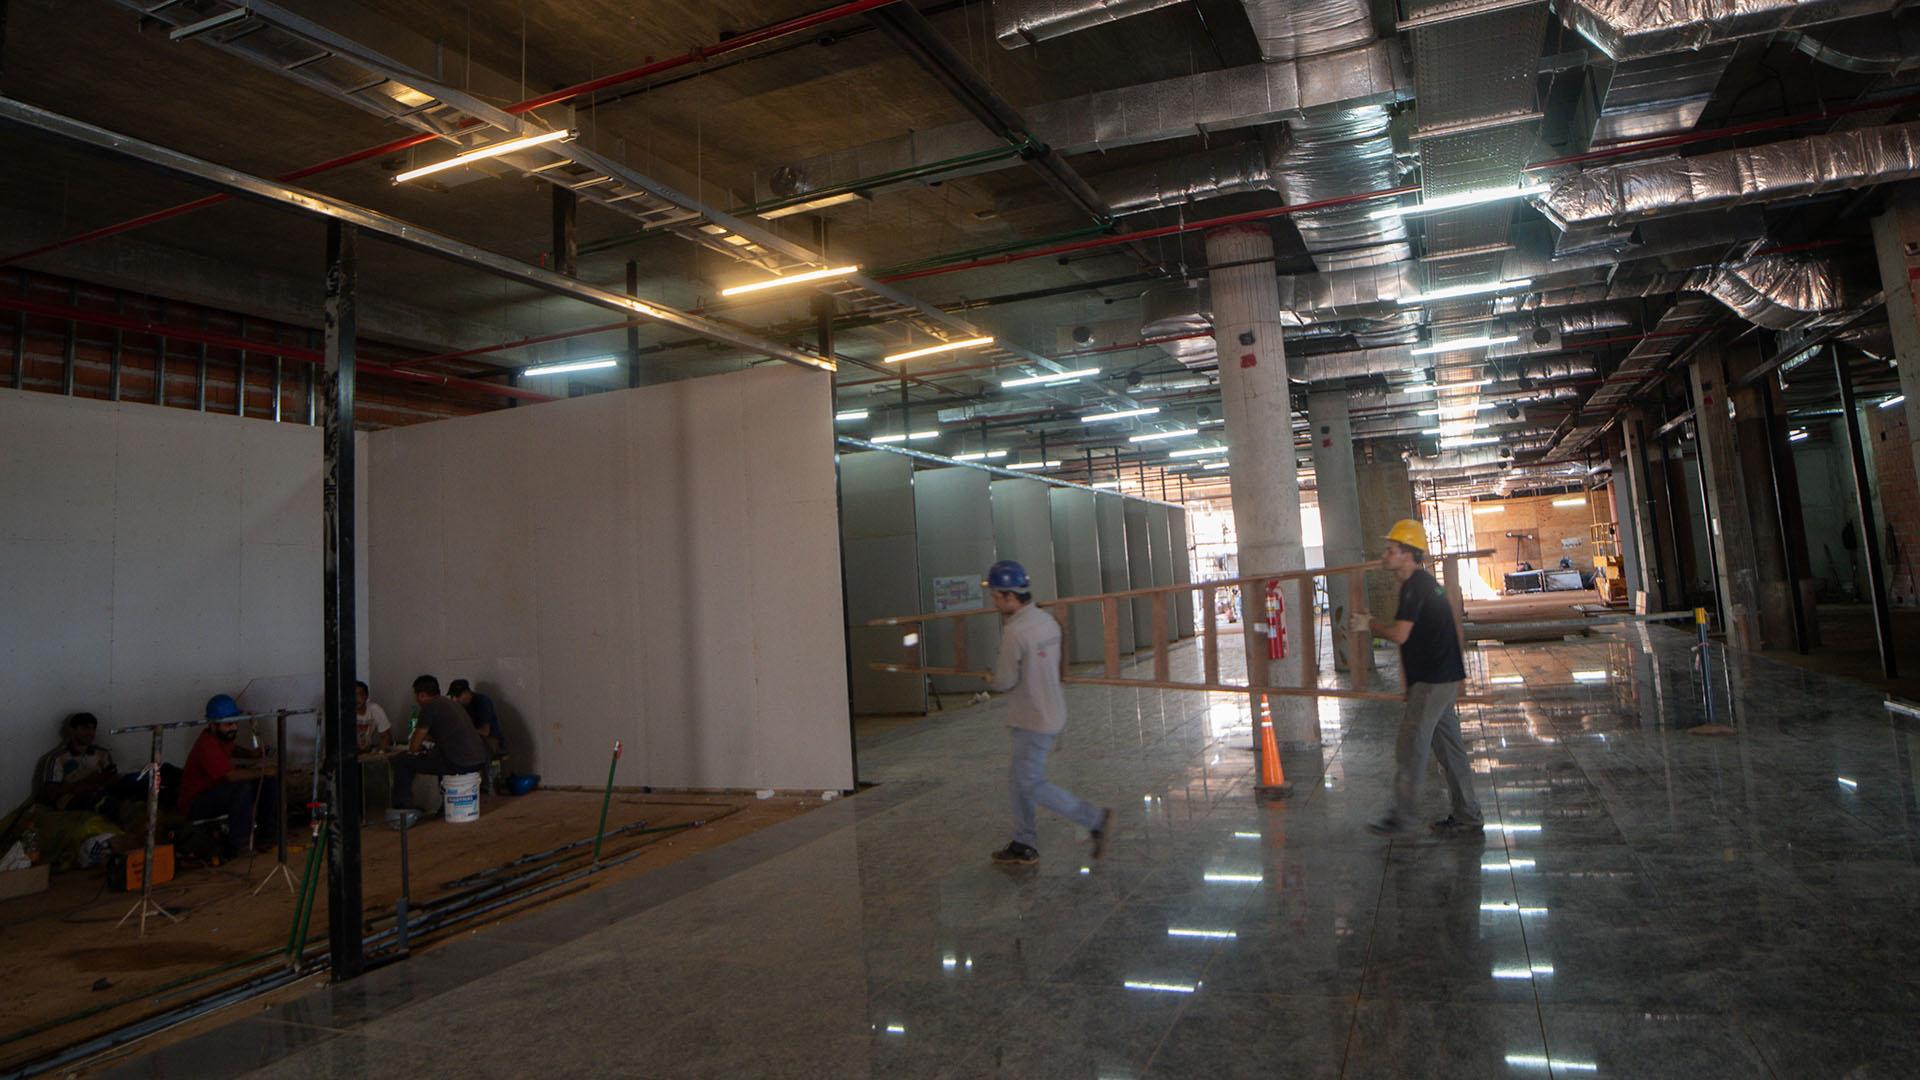 La nueva terminal tendrá 26 nuevos puestos de check-in y 10 de self check-in (Patricio Murphy)